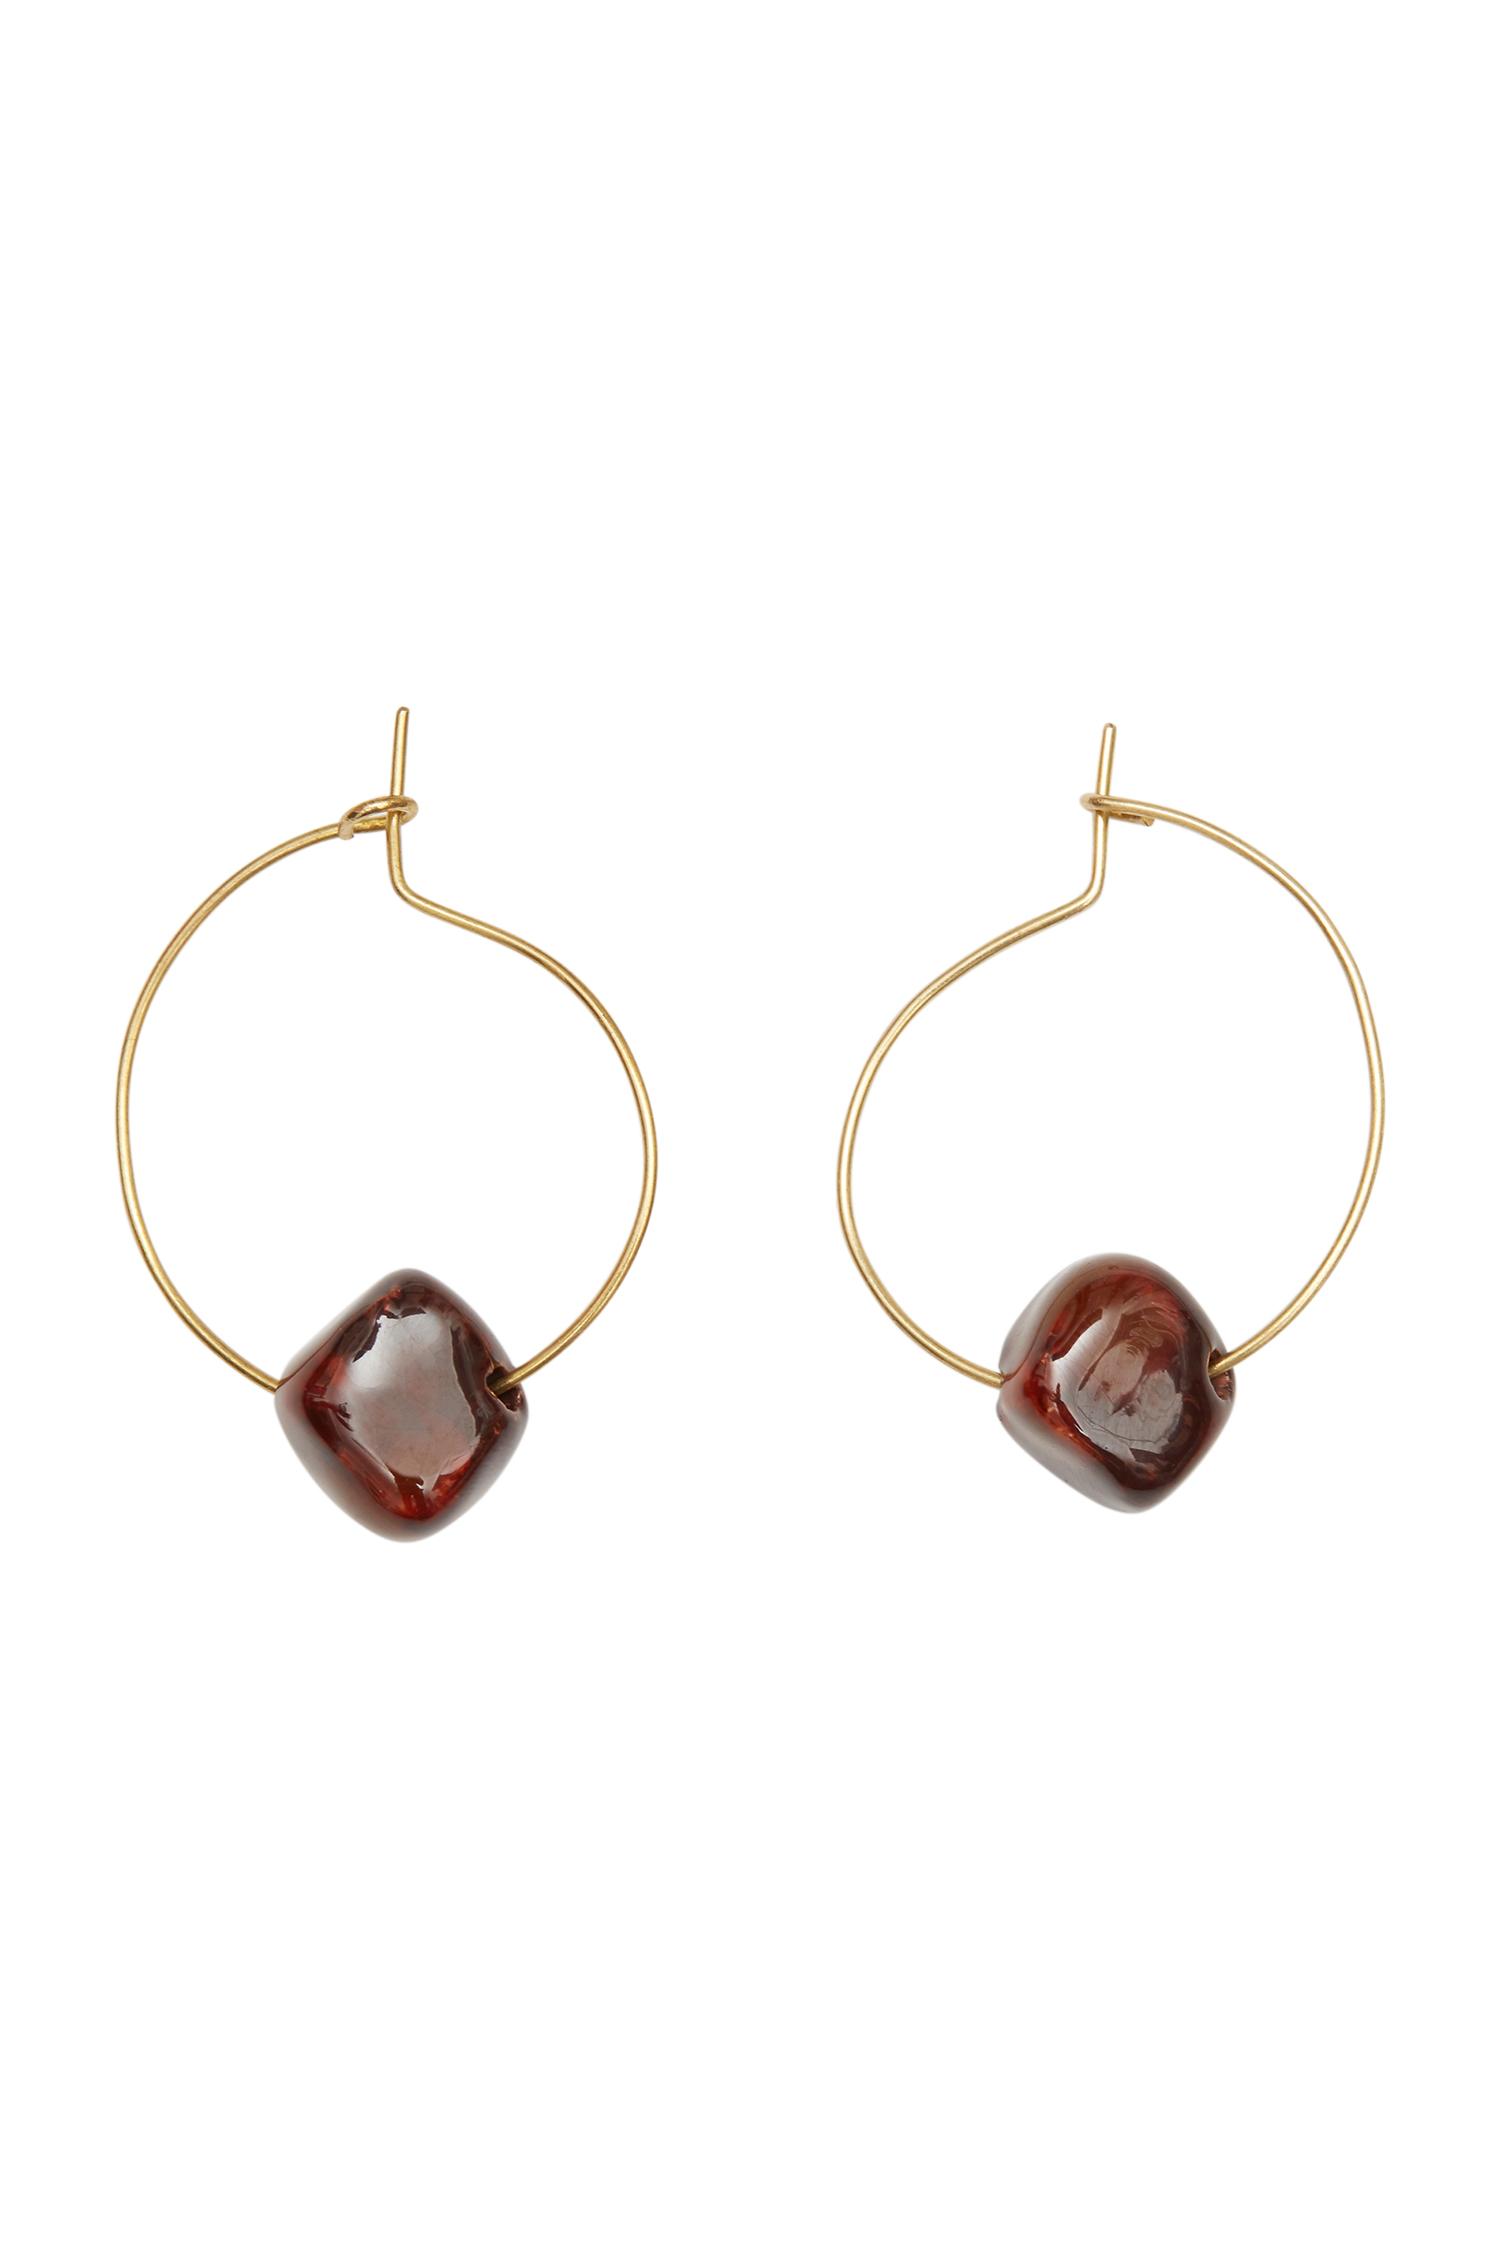 Bead and Hoop Earrings